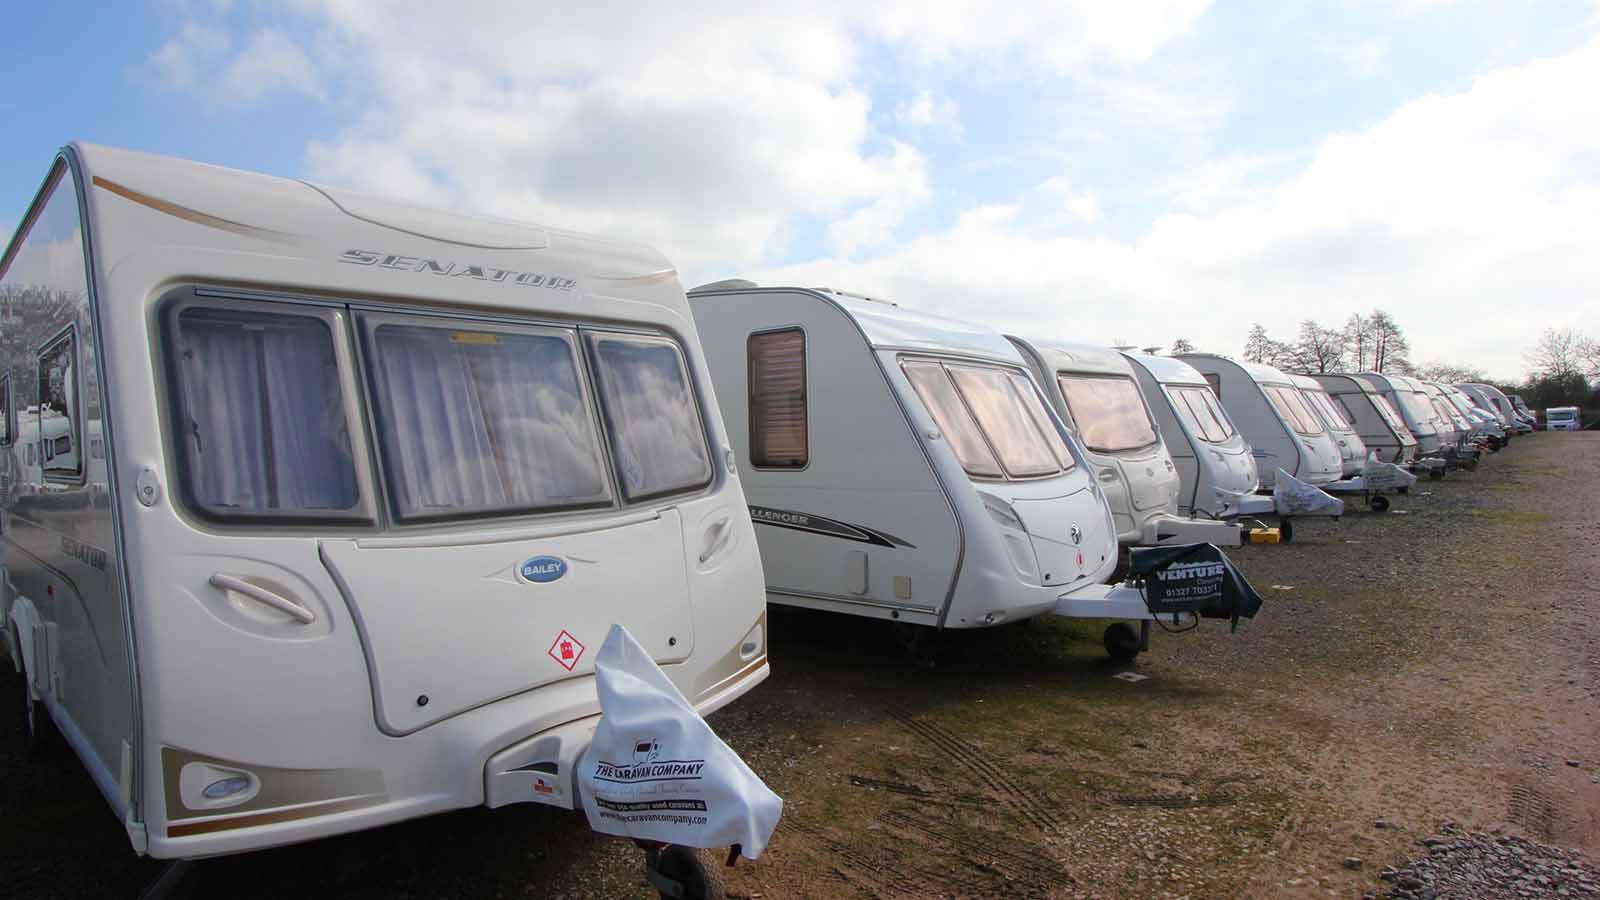 Caravans in caravan storage facility.